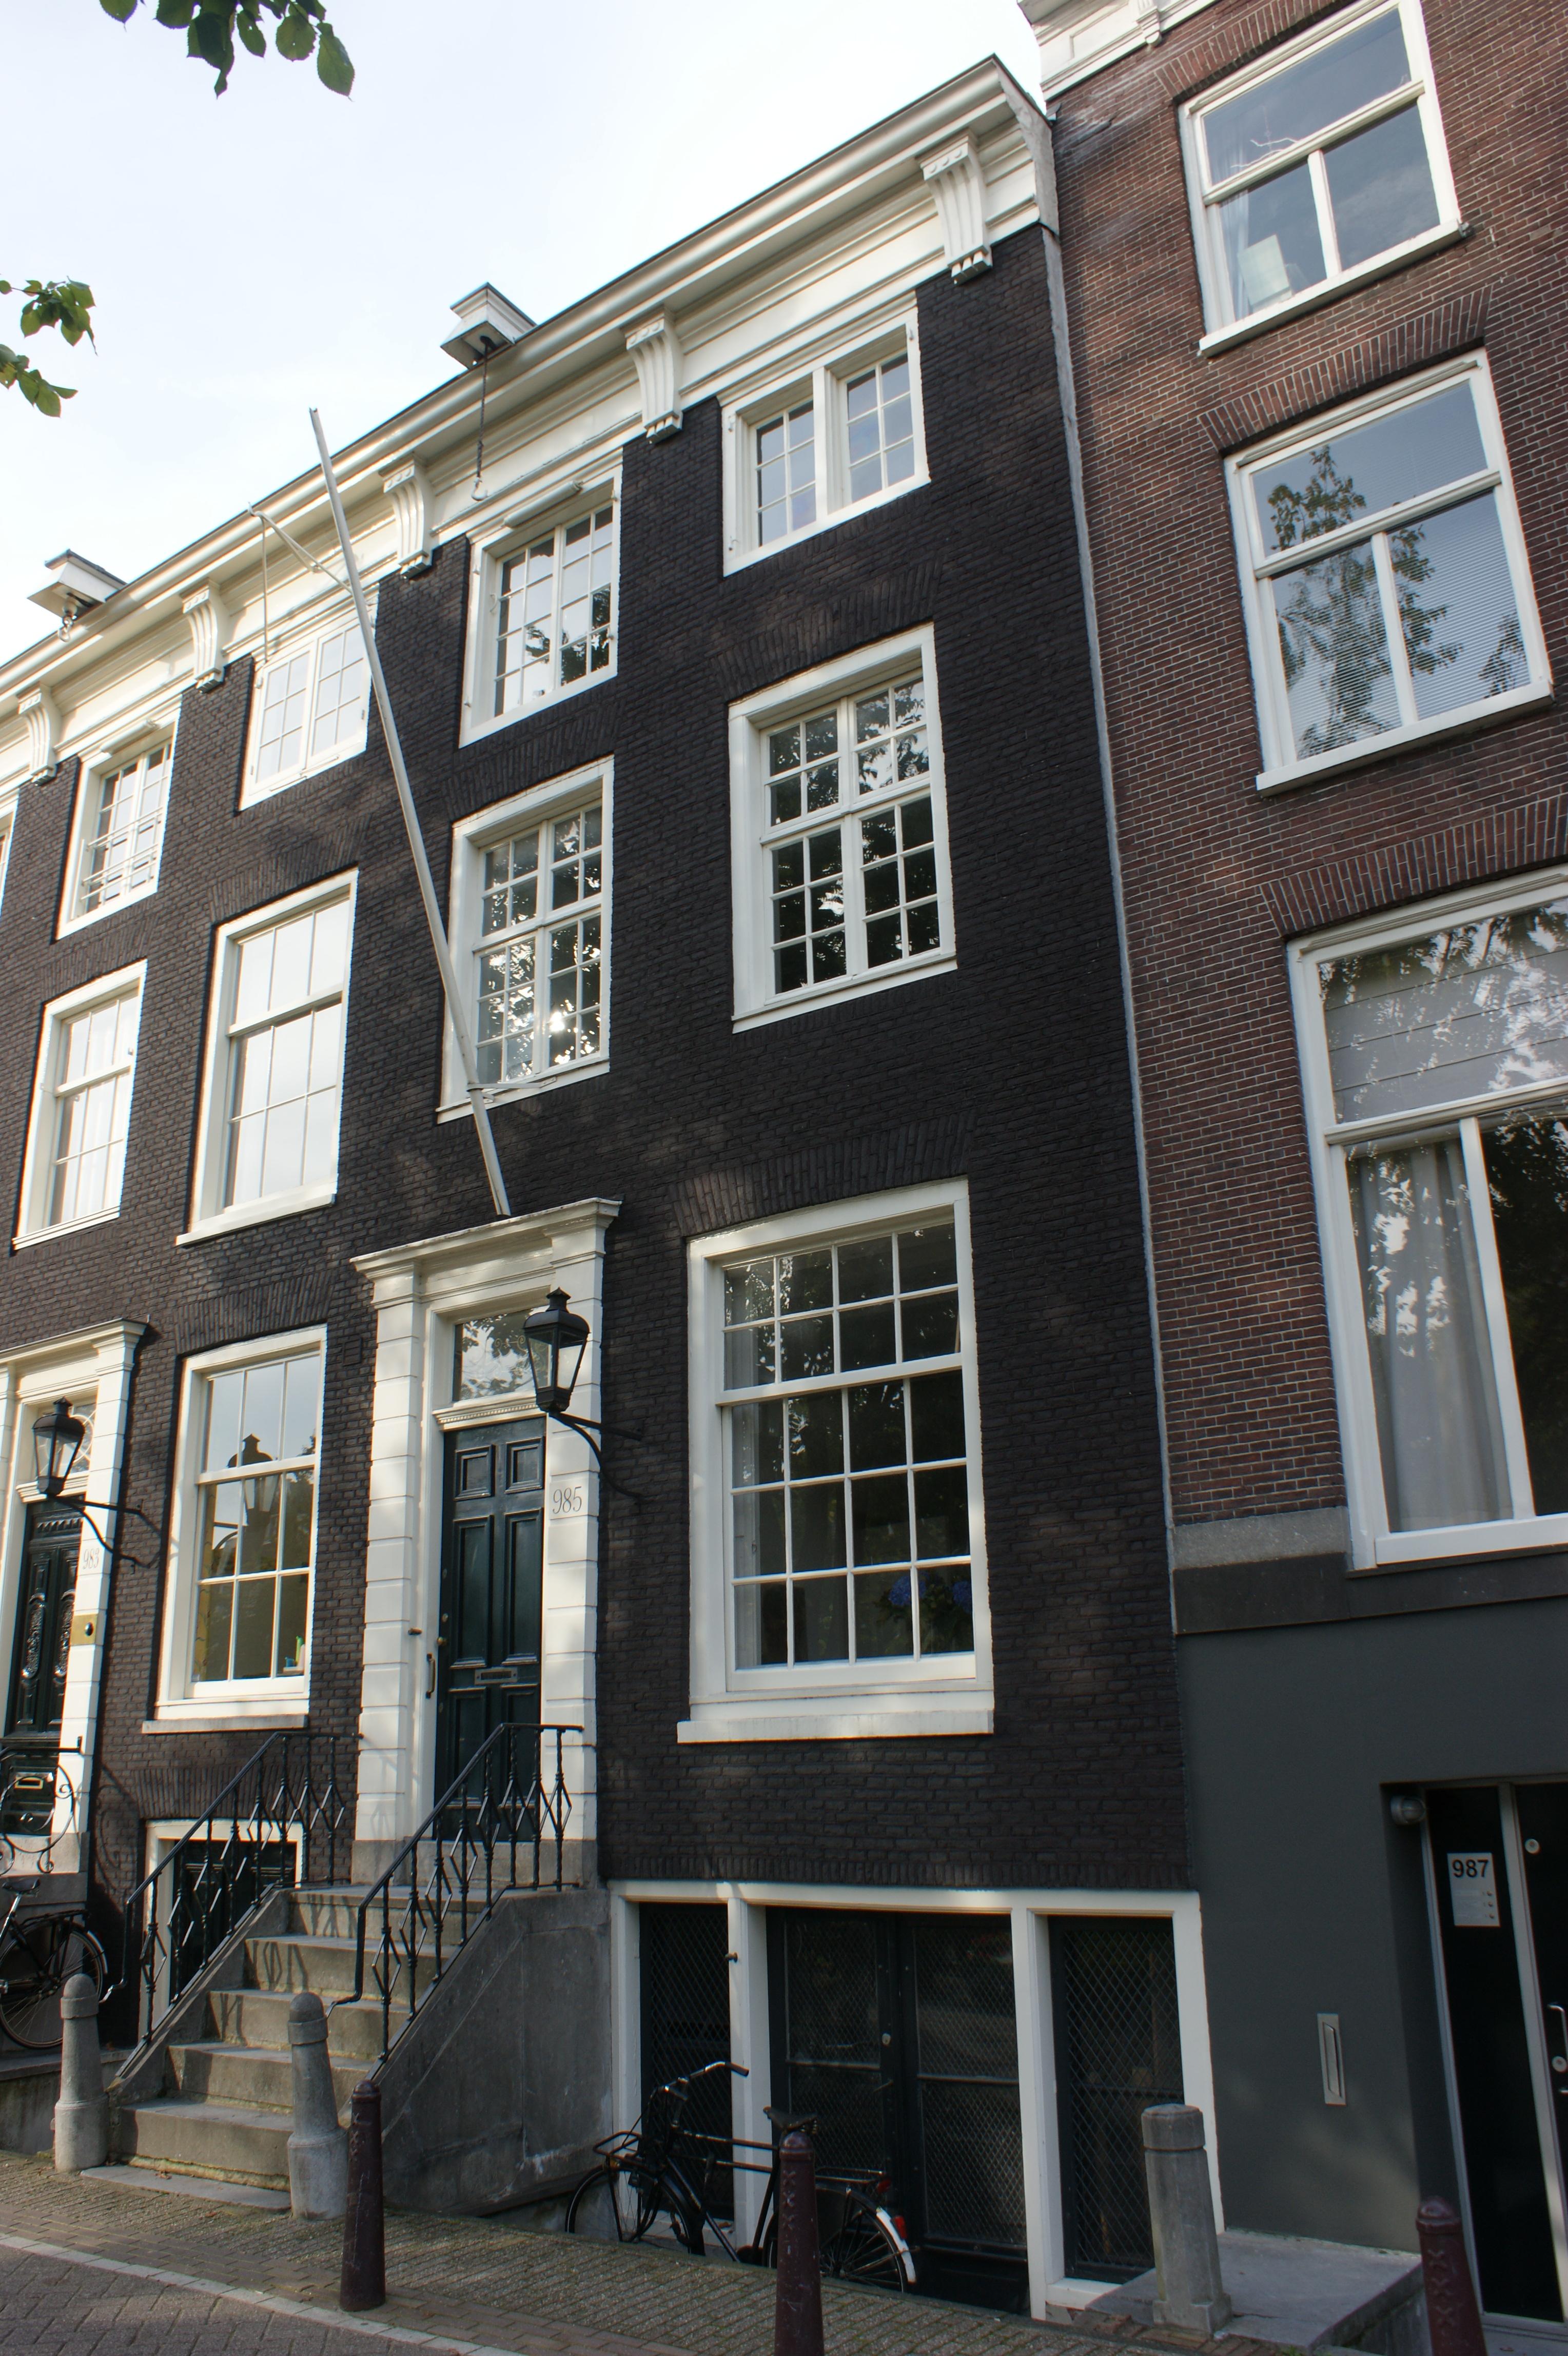 Huis onder dwars dak met gevel onder rechte lijst met for Lijst inrichting huis